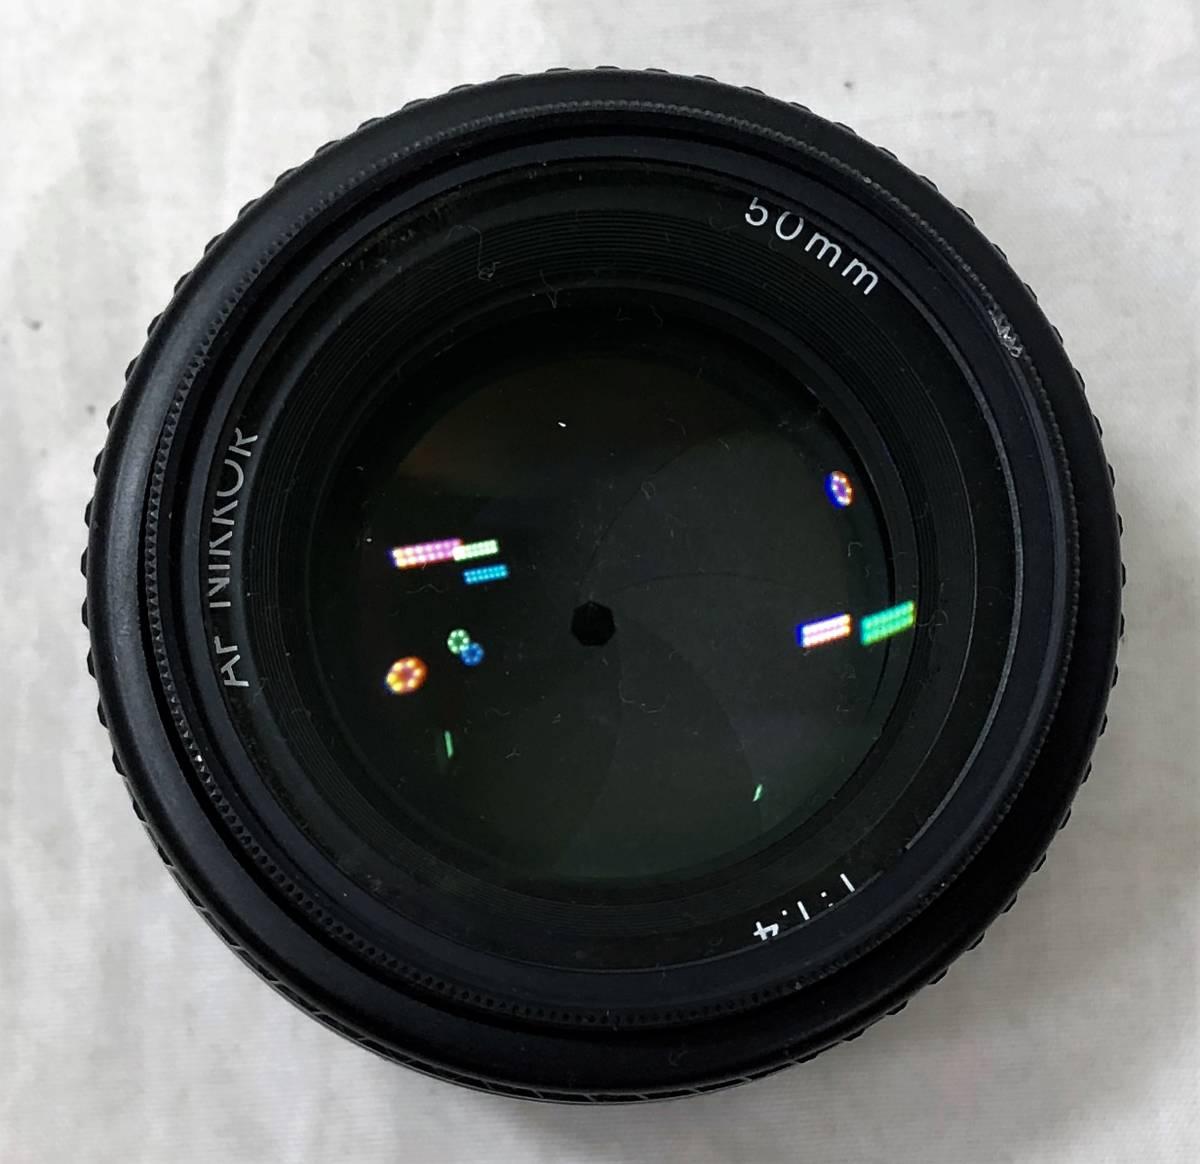 当時物、ジャンク扱い ニコン フィルムカメラ&カメラレンズ Nikomat FT3、AF NIKKOR 50mm 1:1.4_画像10